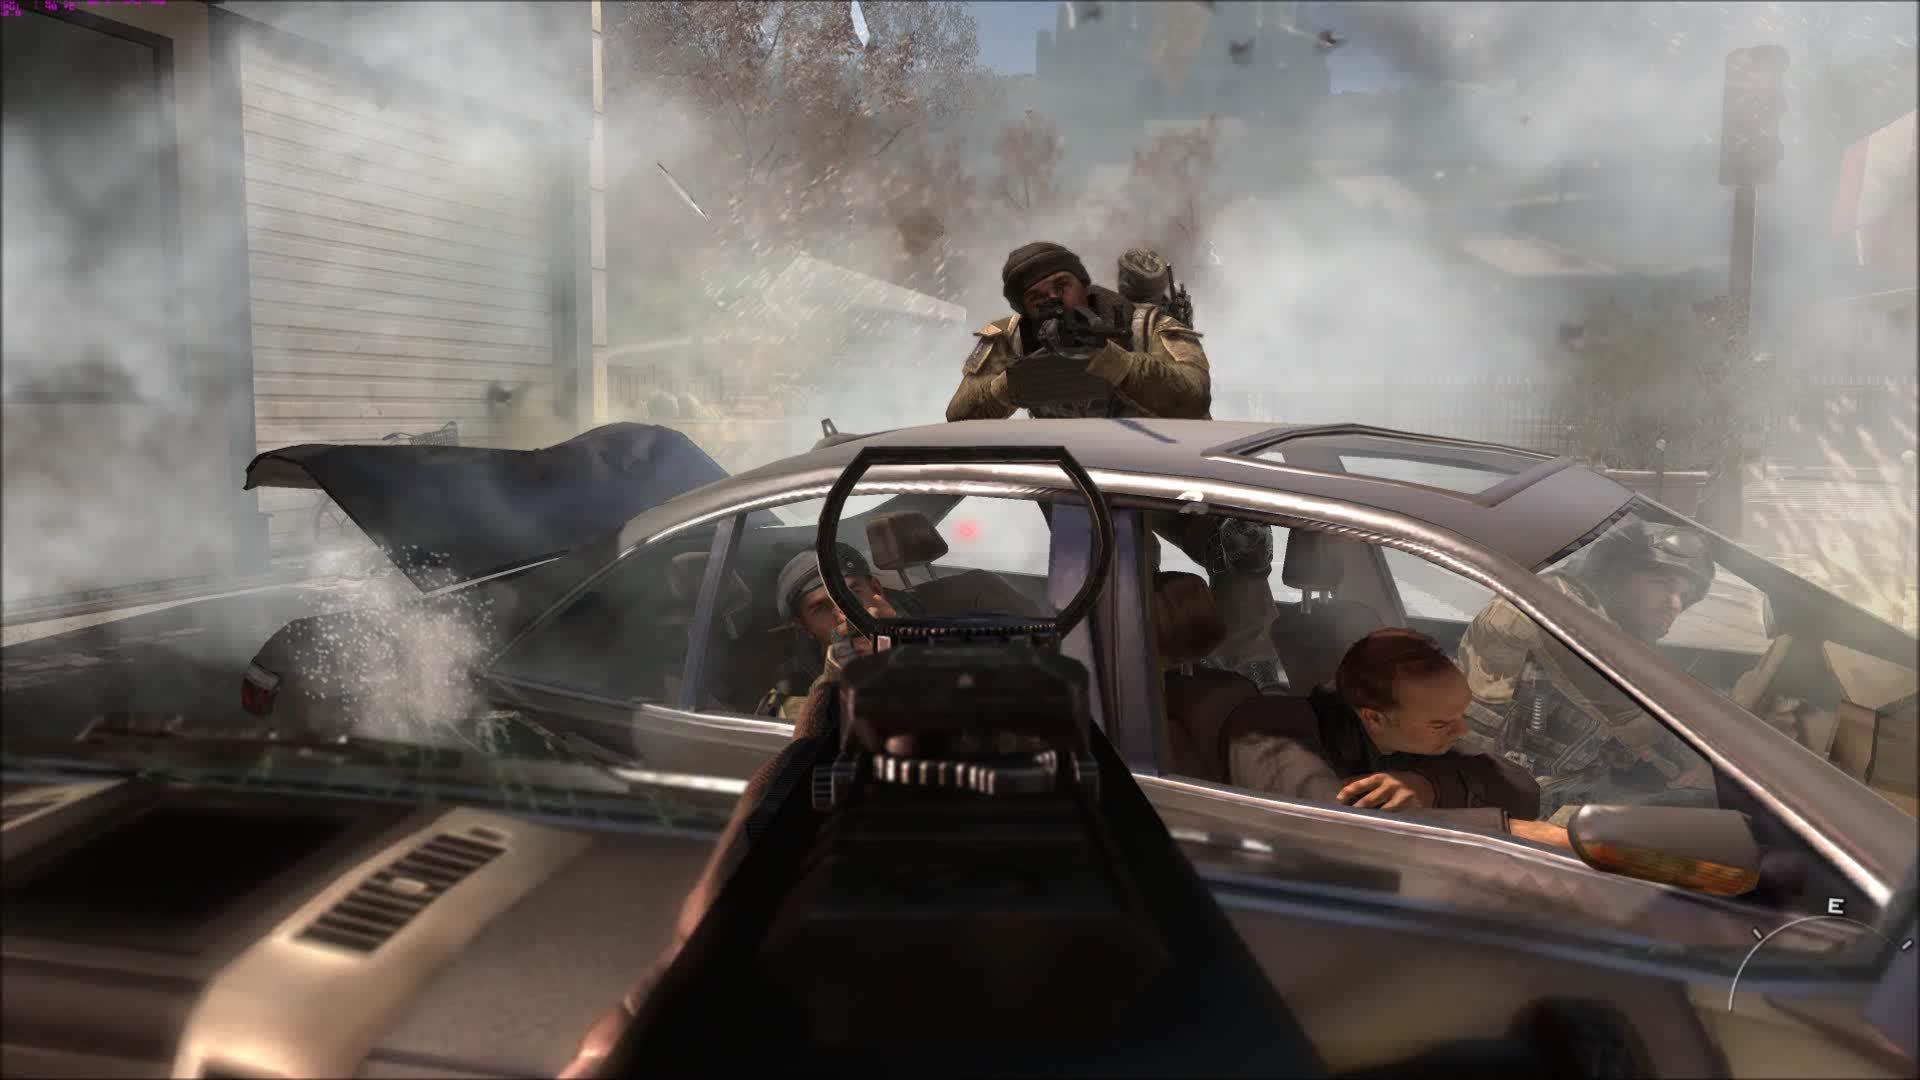 60fpsGamingGifs, 60fpsgaminggifs, [MW3] Car Crash GIFs